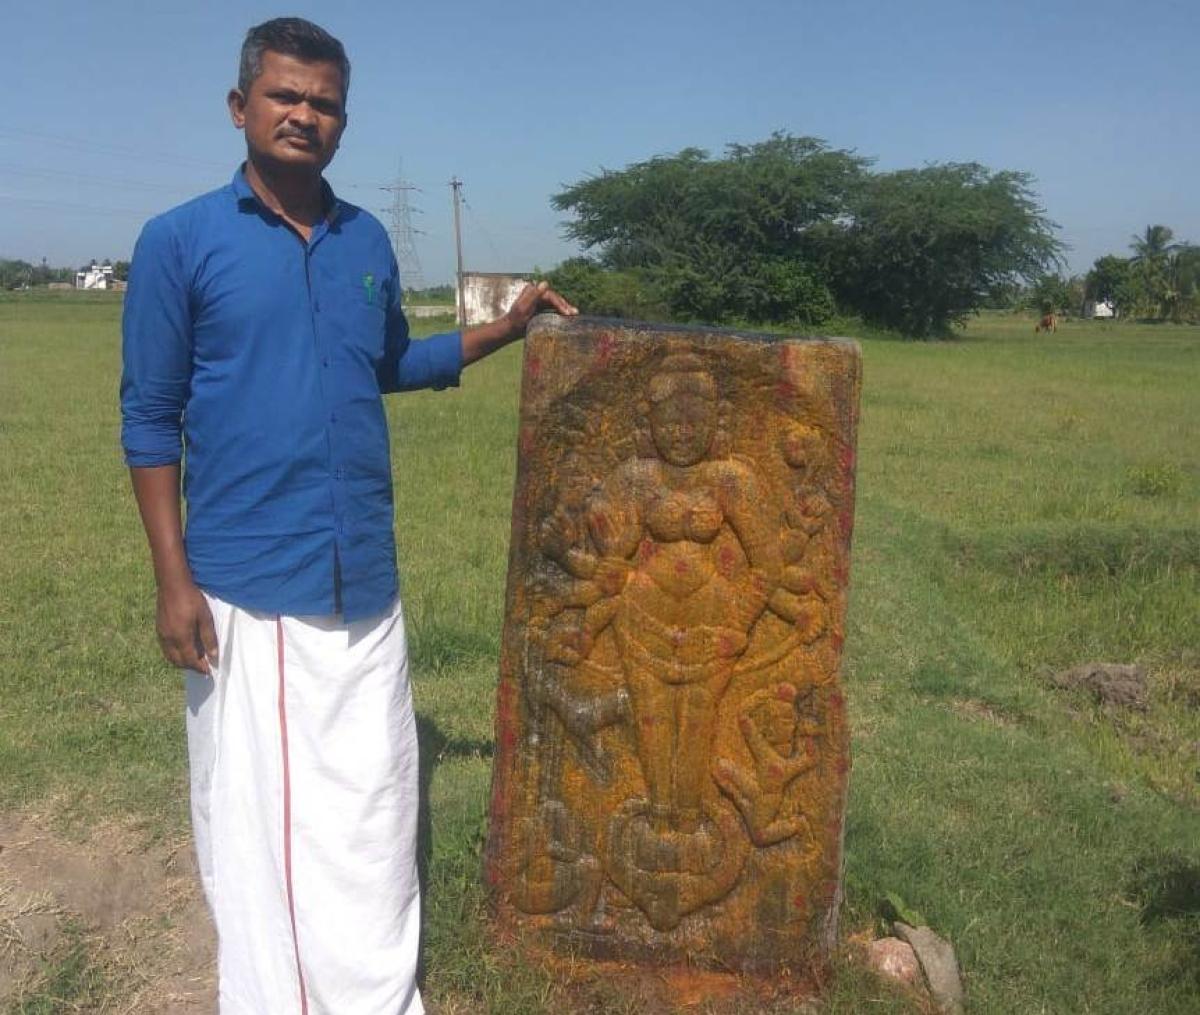 சு. பாலாஜி, உத்திரமேரூர் வரலாற்று ஆய்வு மையம்